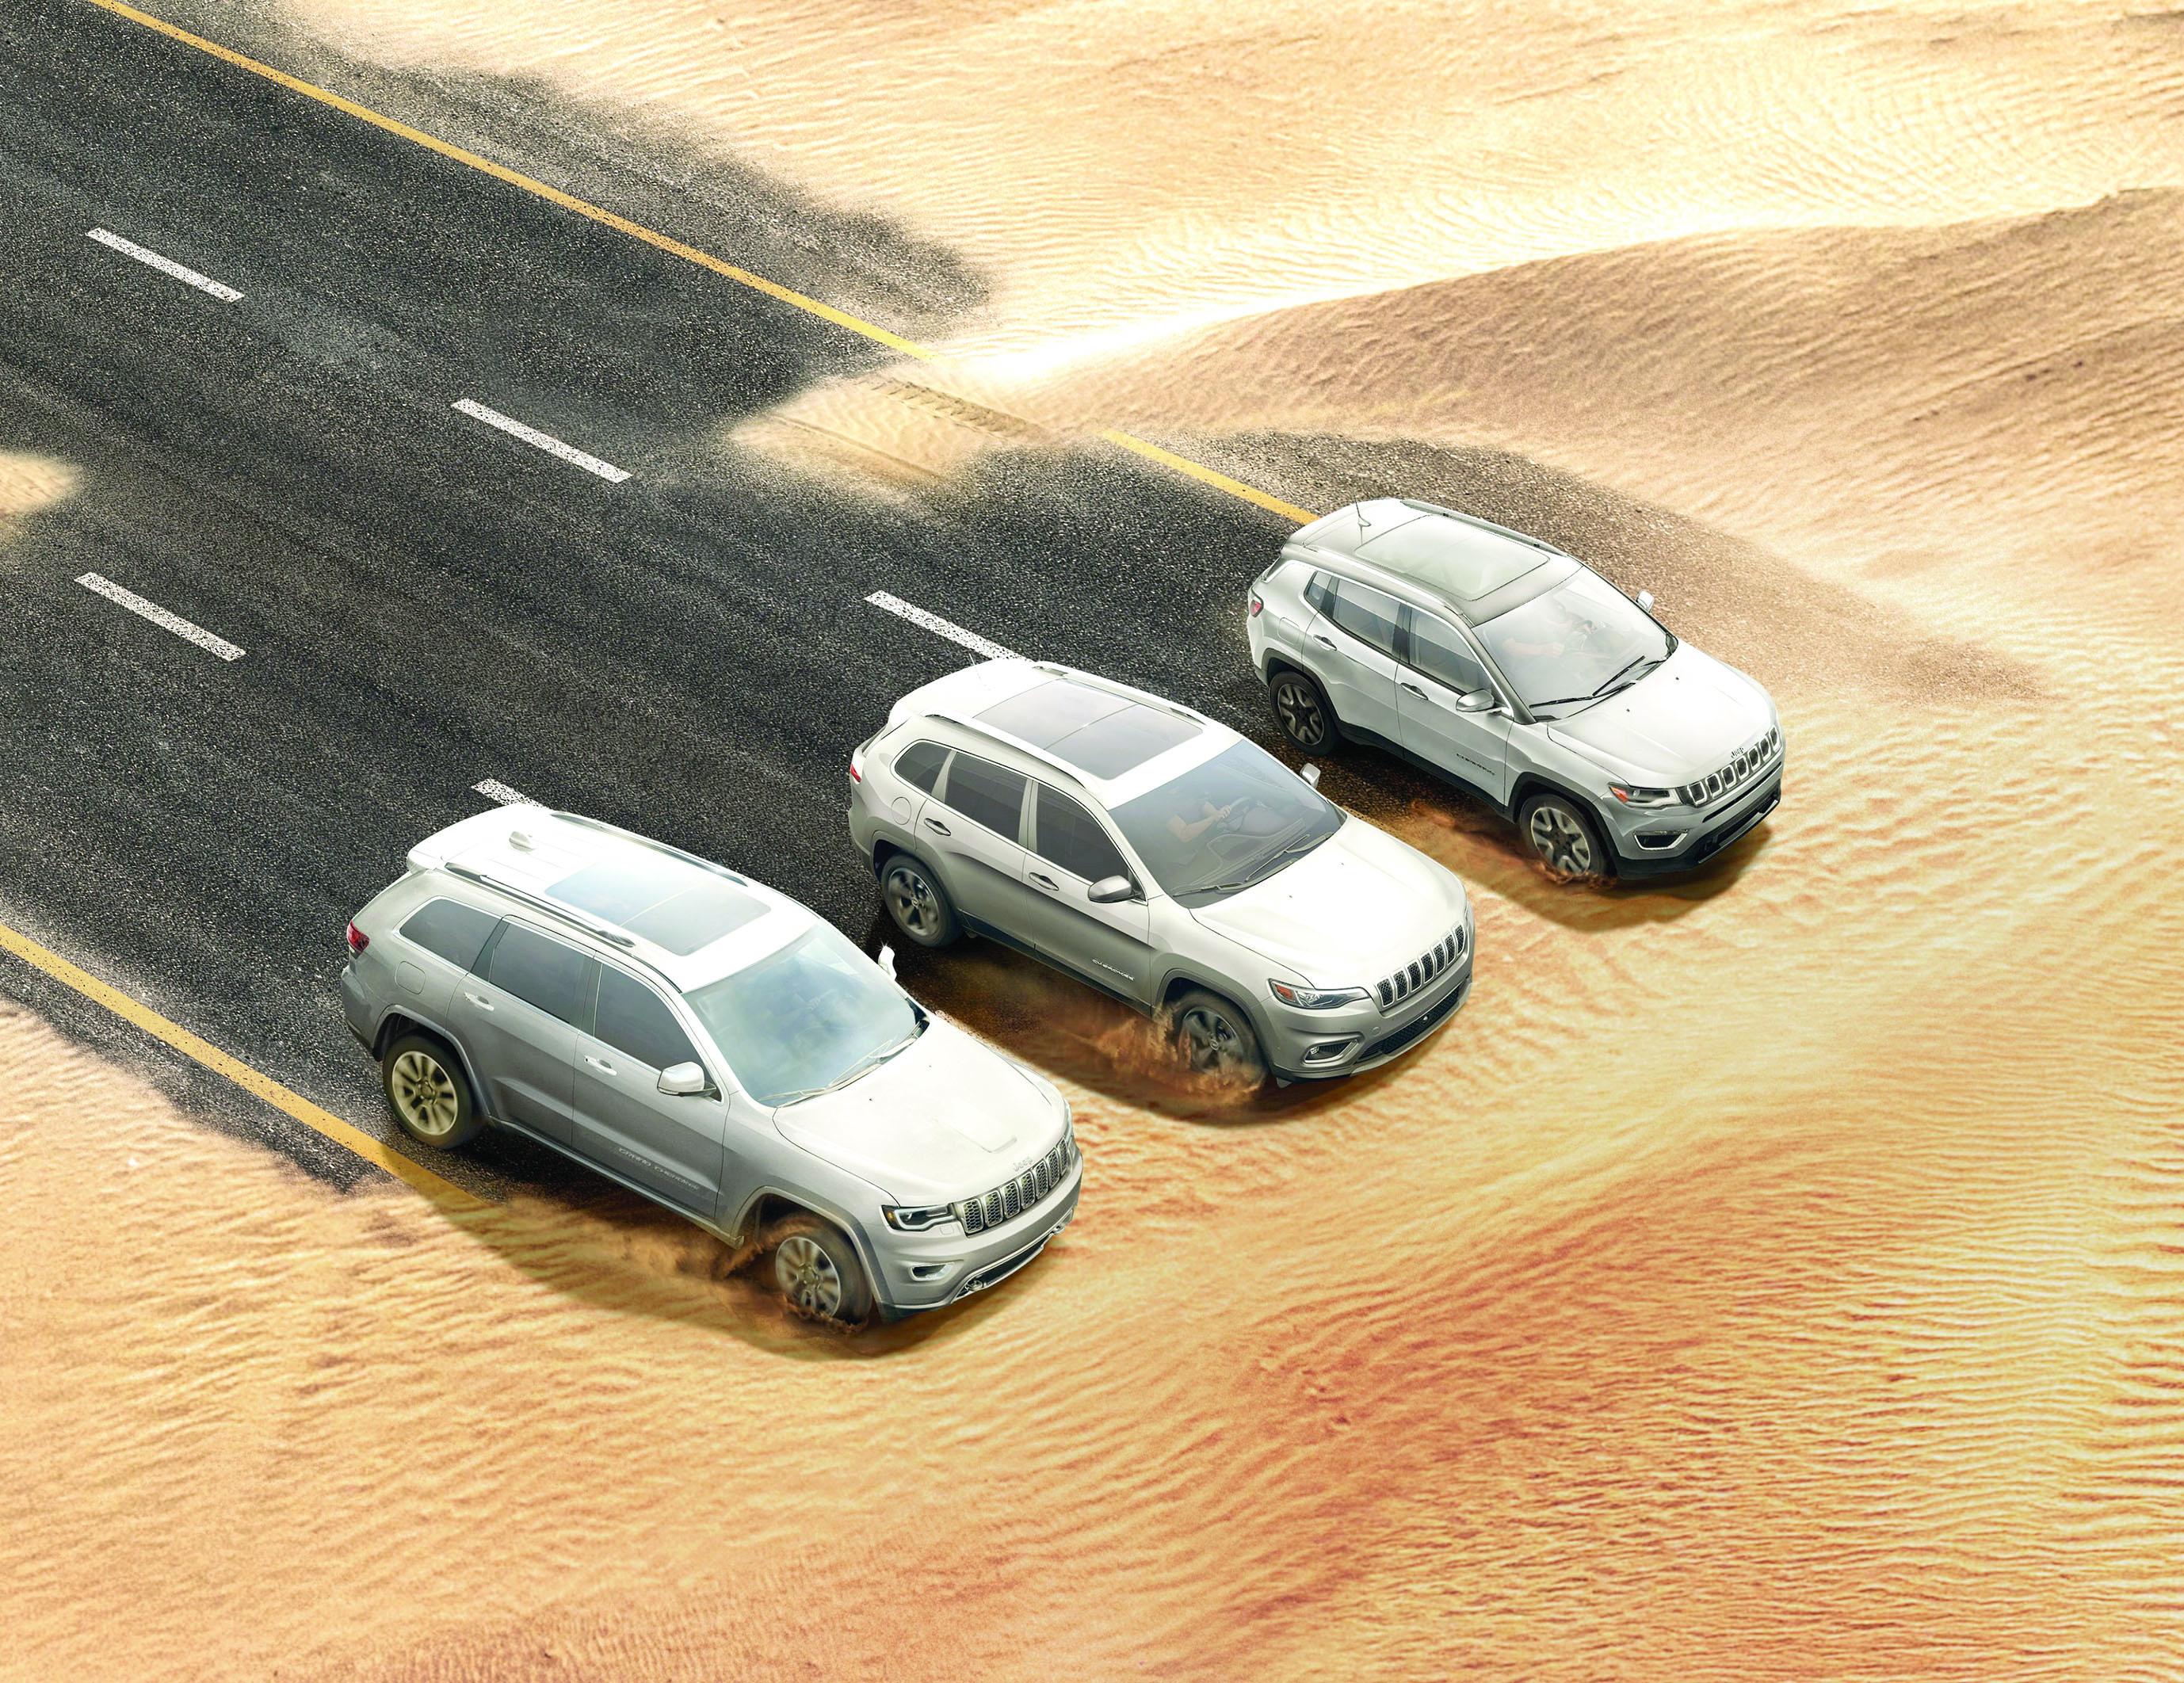 """على جيب """"كومباس"""" و""""شيروكي"""" و""""جراند شيروكي"""" ظفار للسيارات تقدم عروضاً جديدة"""